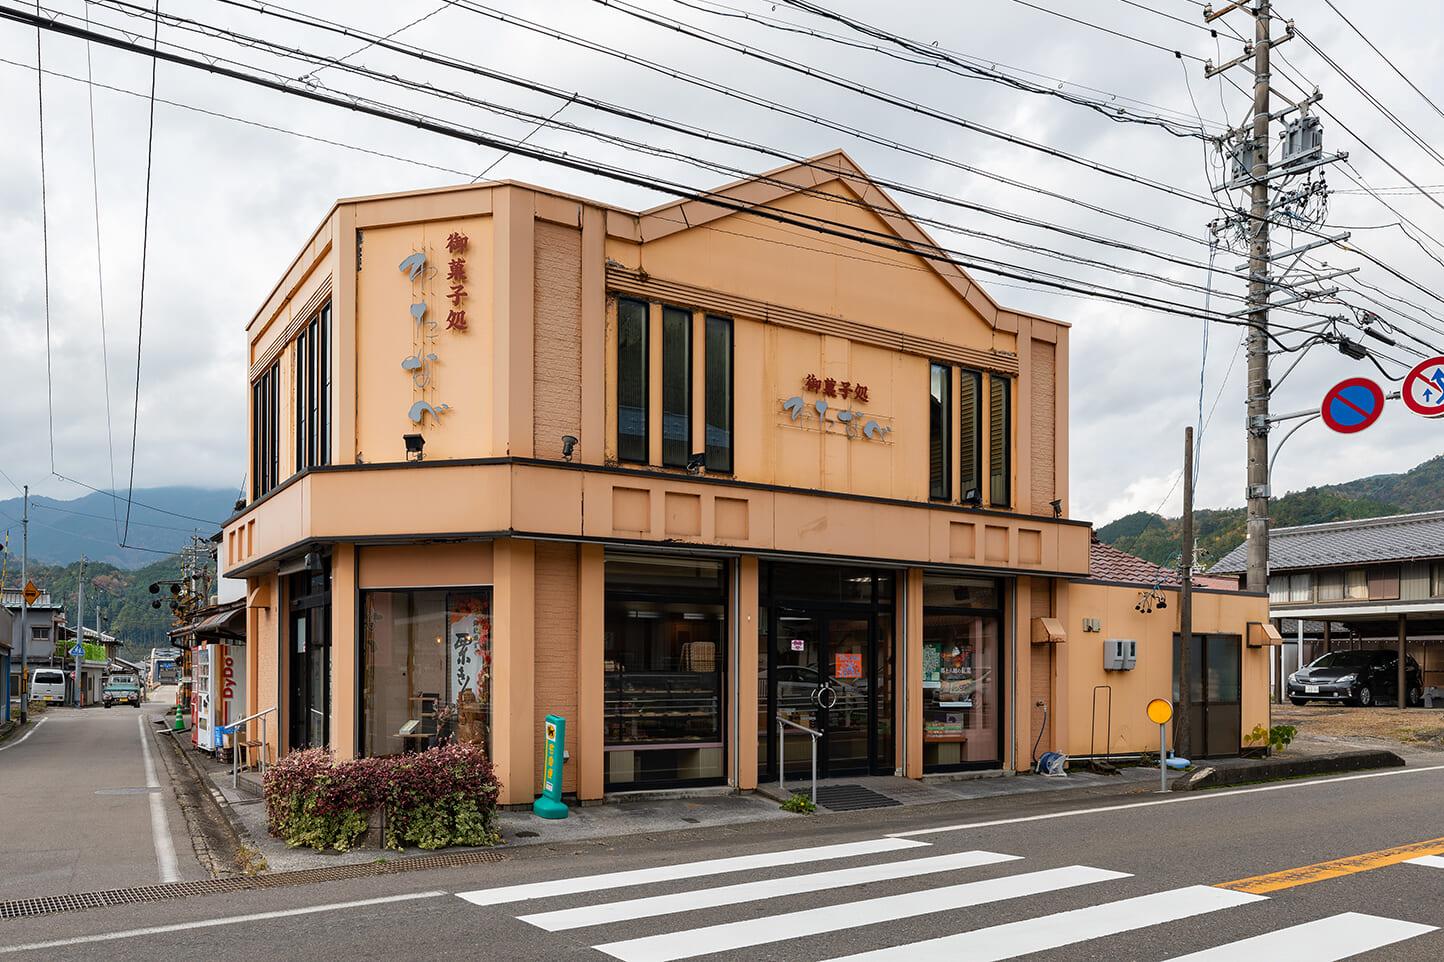 渡邊菓子舗 スライダー画像1